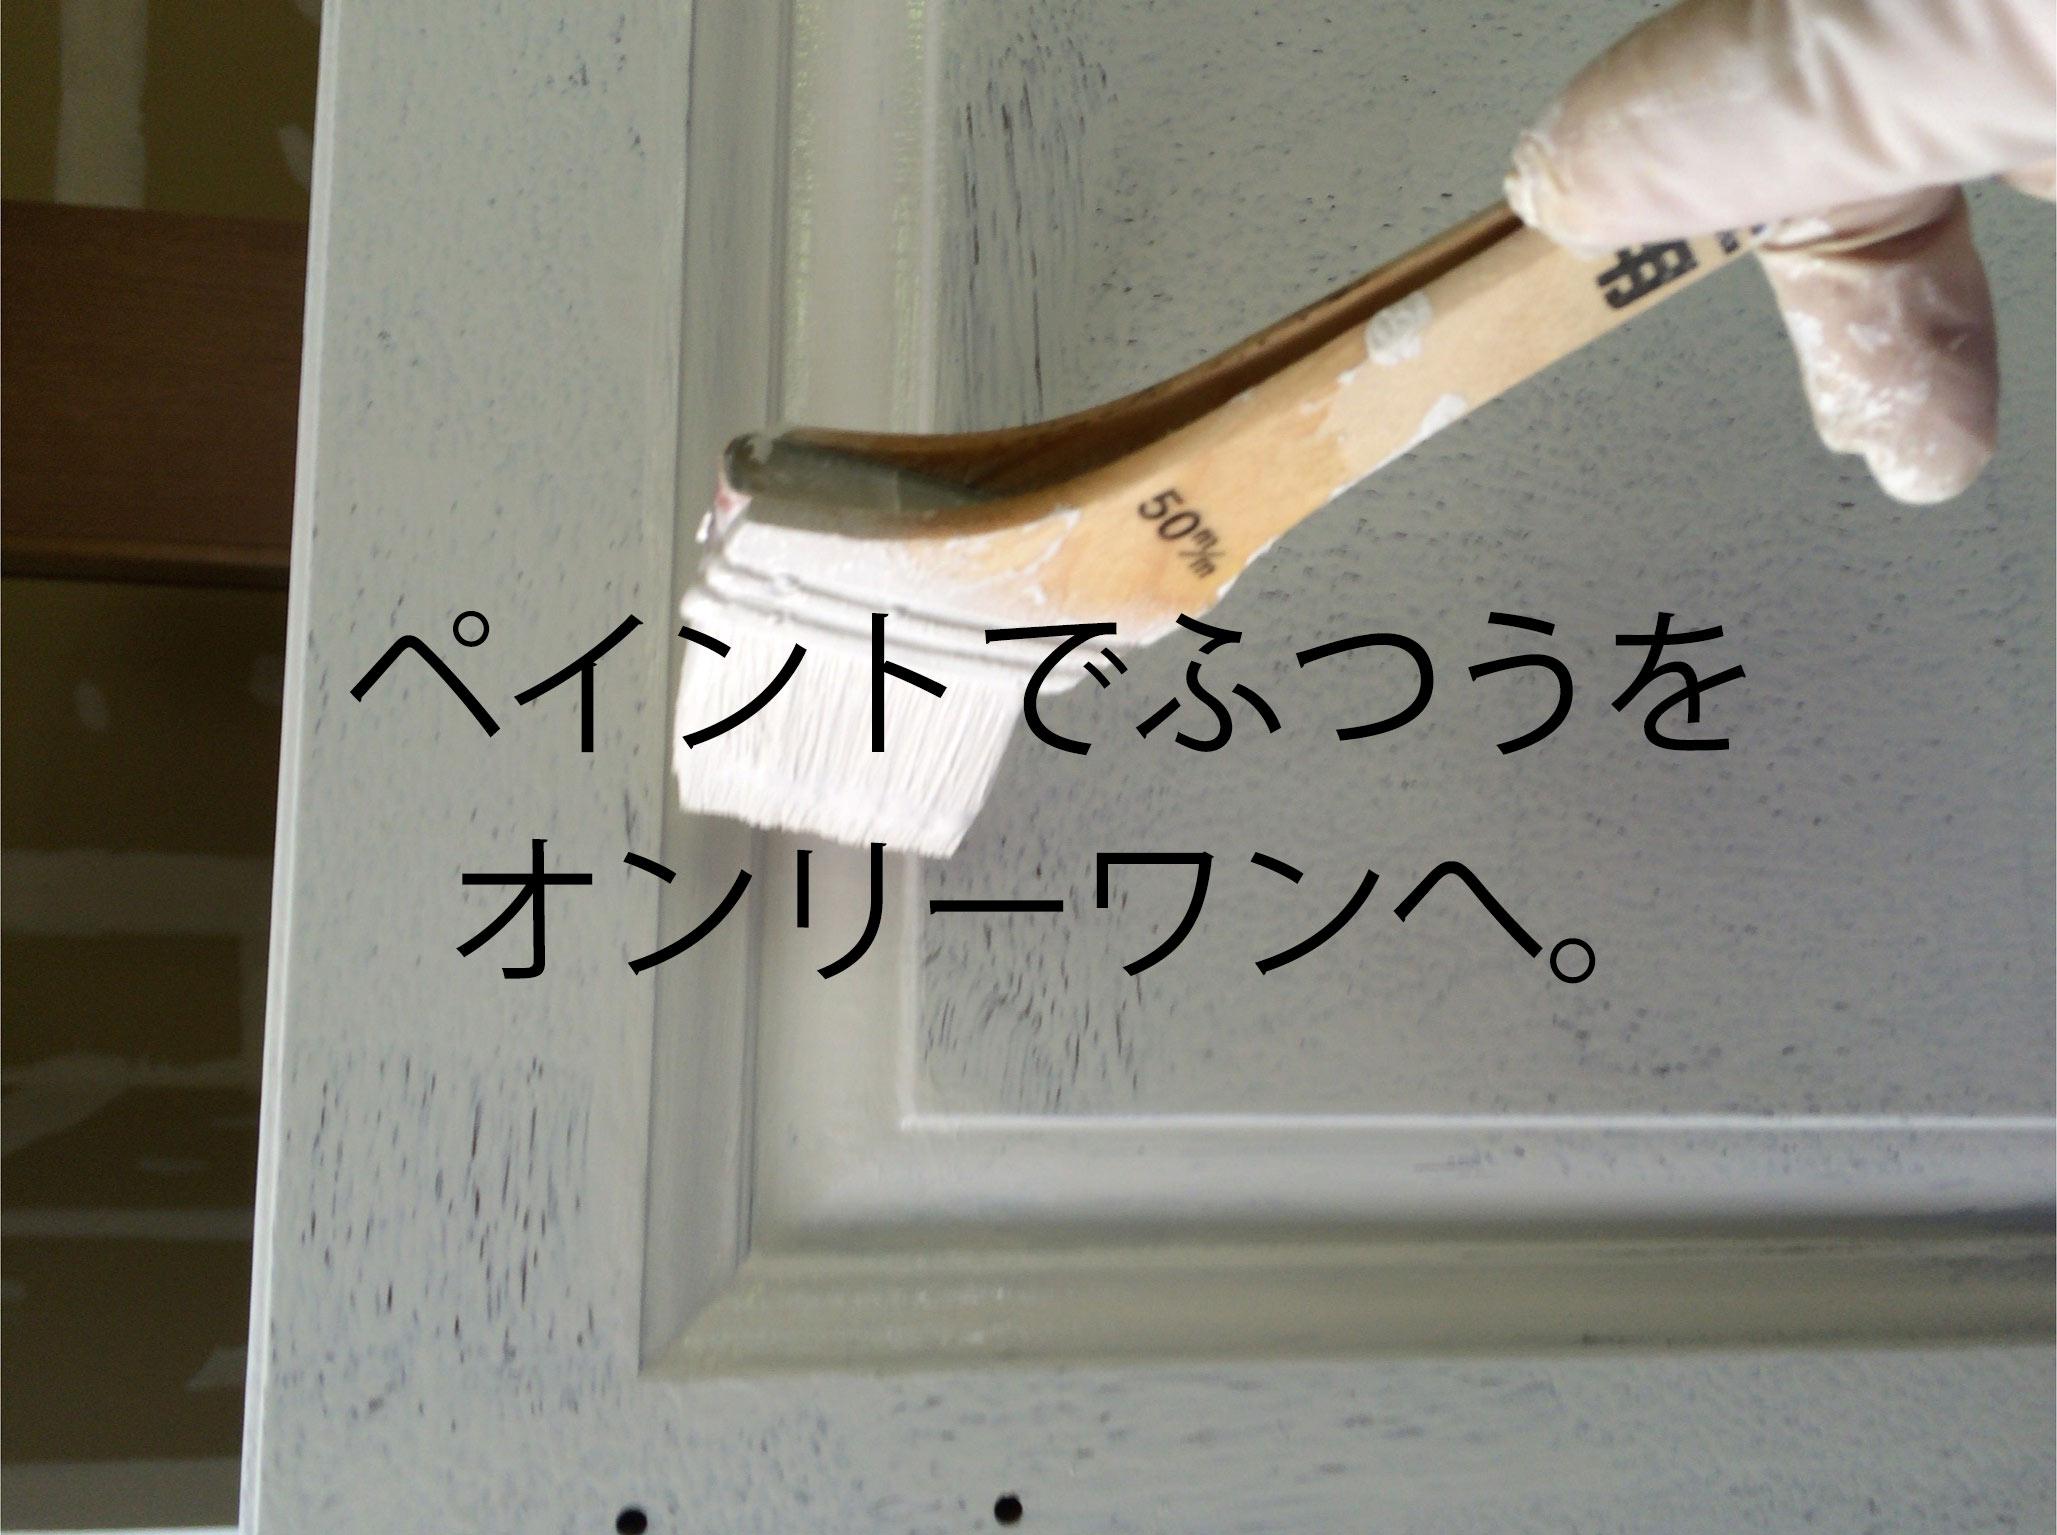 【DIY】ドアペイント(塗装)方法!運気が上がるトイレに仕上げる!【実例集 VOL.21】